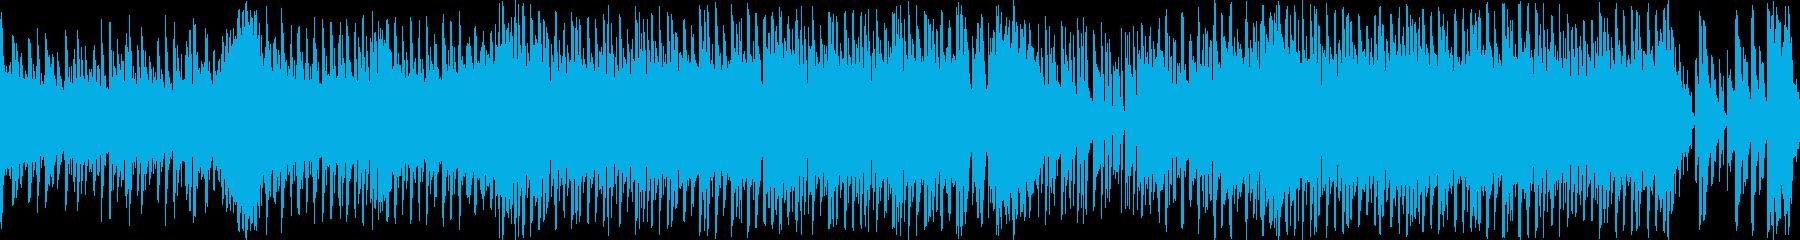 コミカルでシンプルな曲調のチップチューンの再生済みの波形